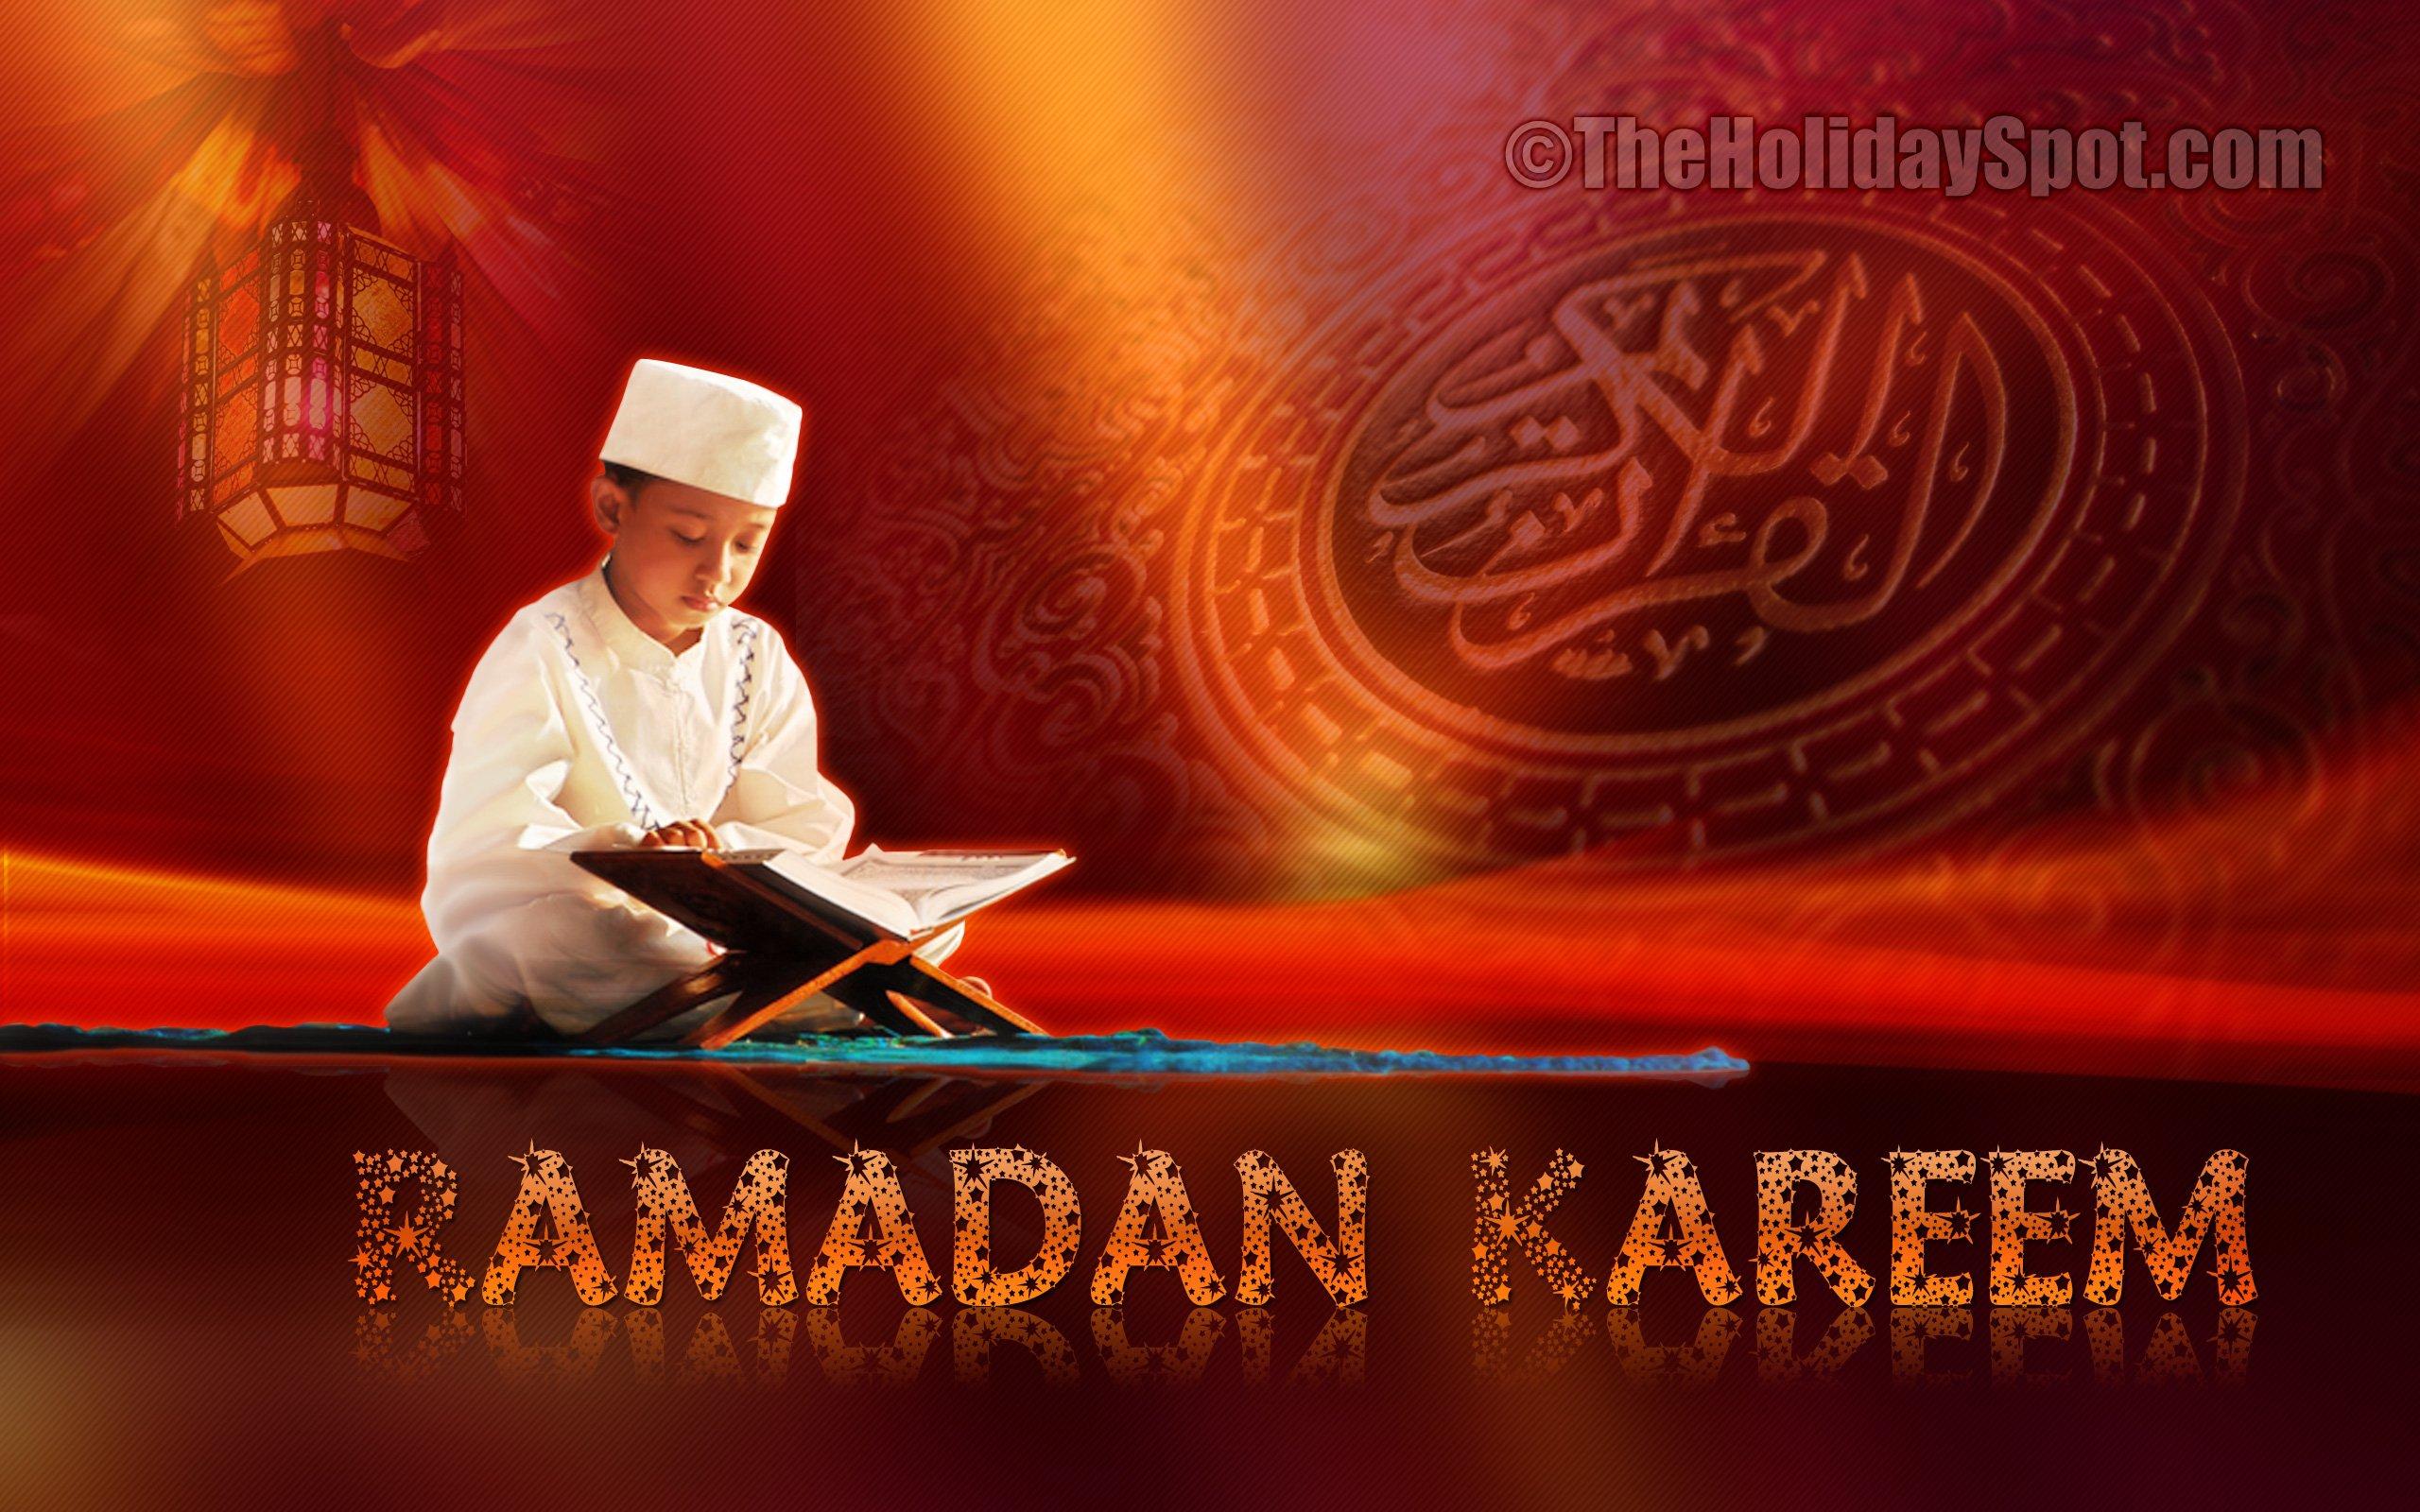 Gambar Keren Untuk Wallpaper Hd: Gambar Wallpaper HD Keren Edisi Ramadhan 2014